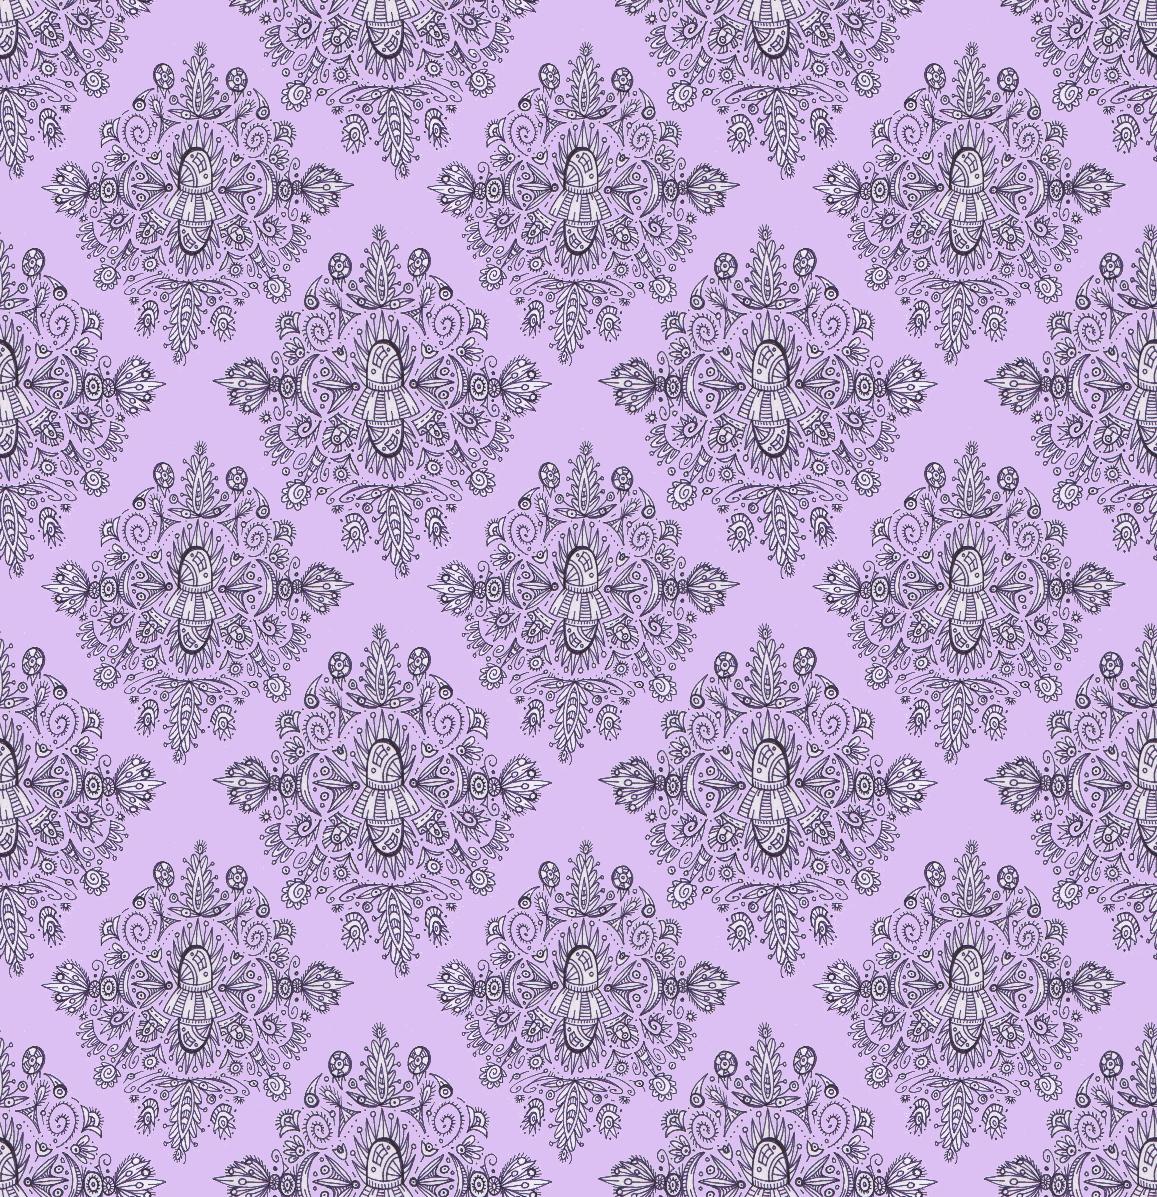 purple wallpaper.jpg